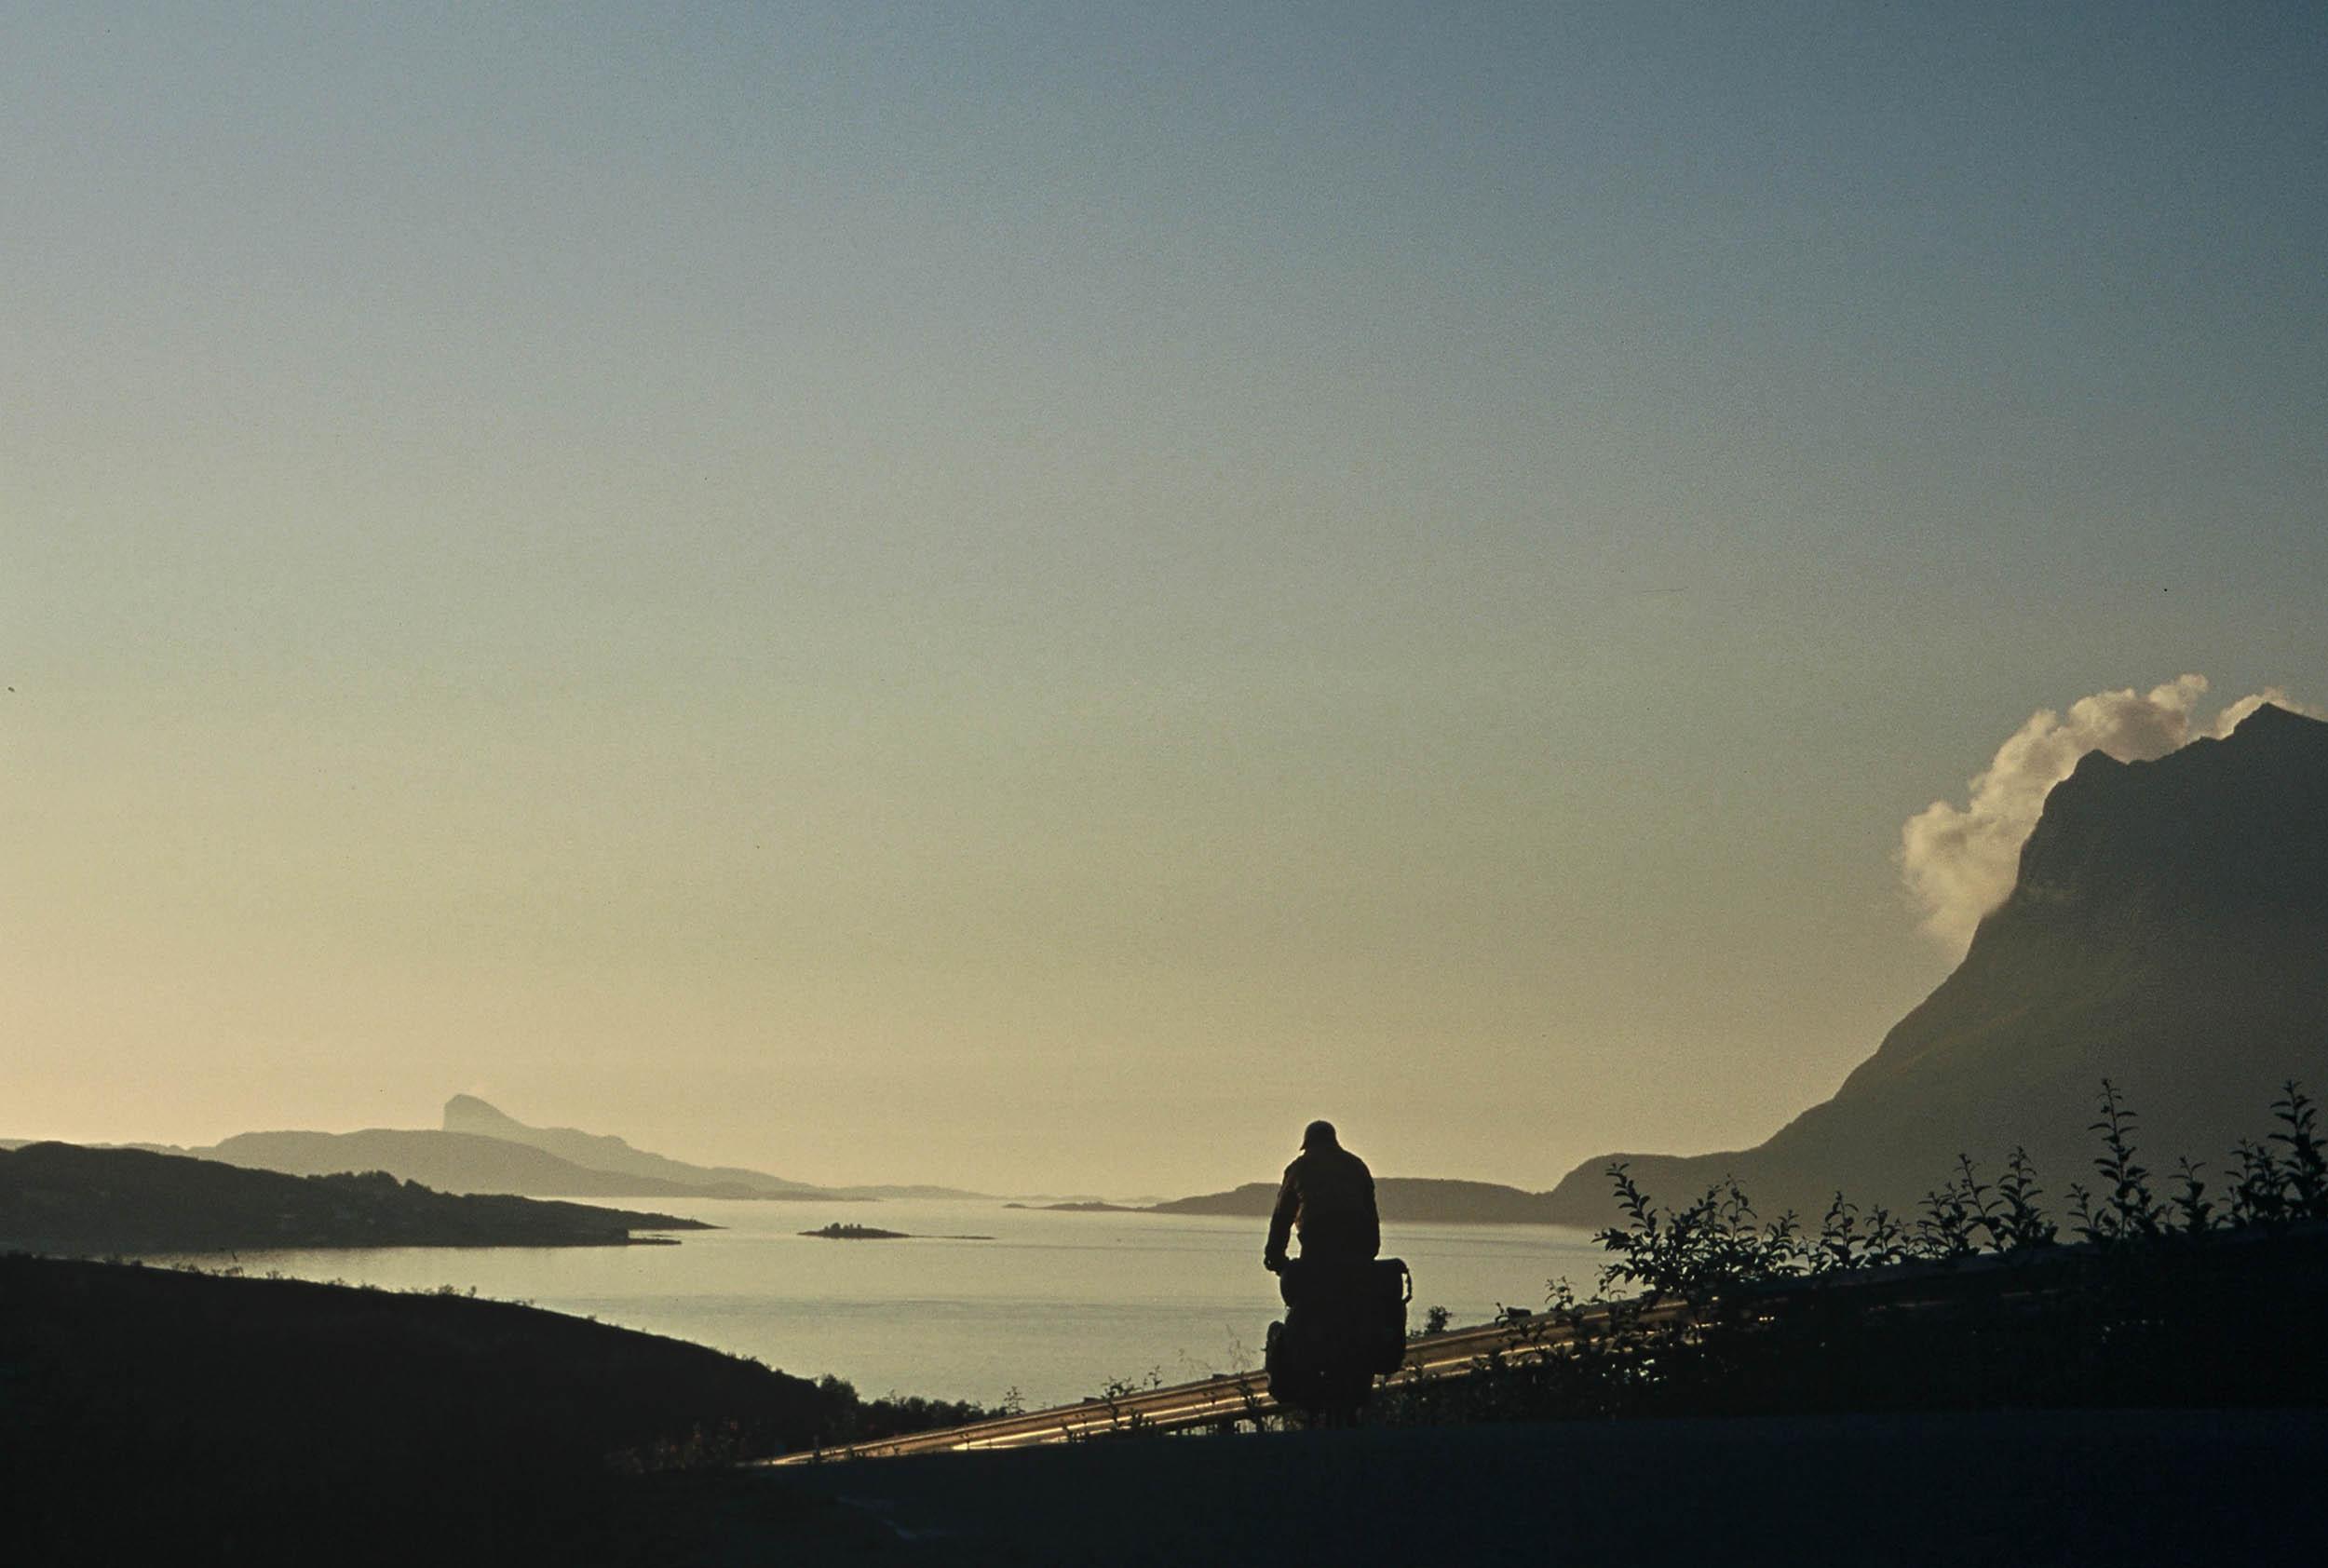 norwegen-fjord-abendstimmung